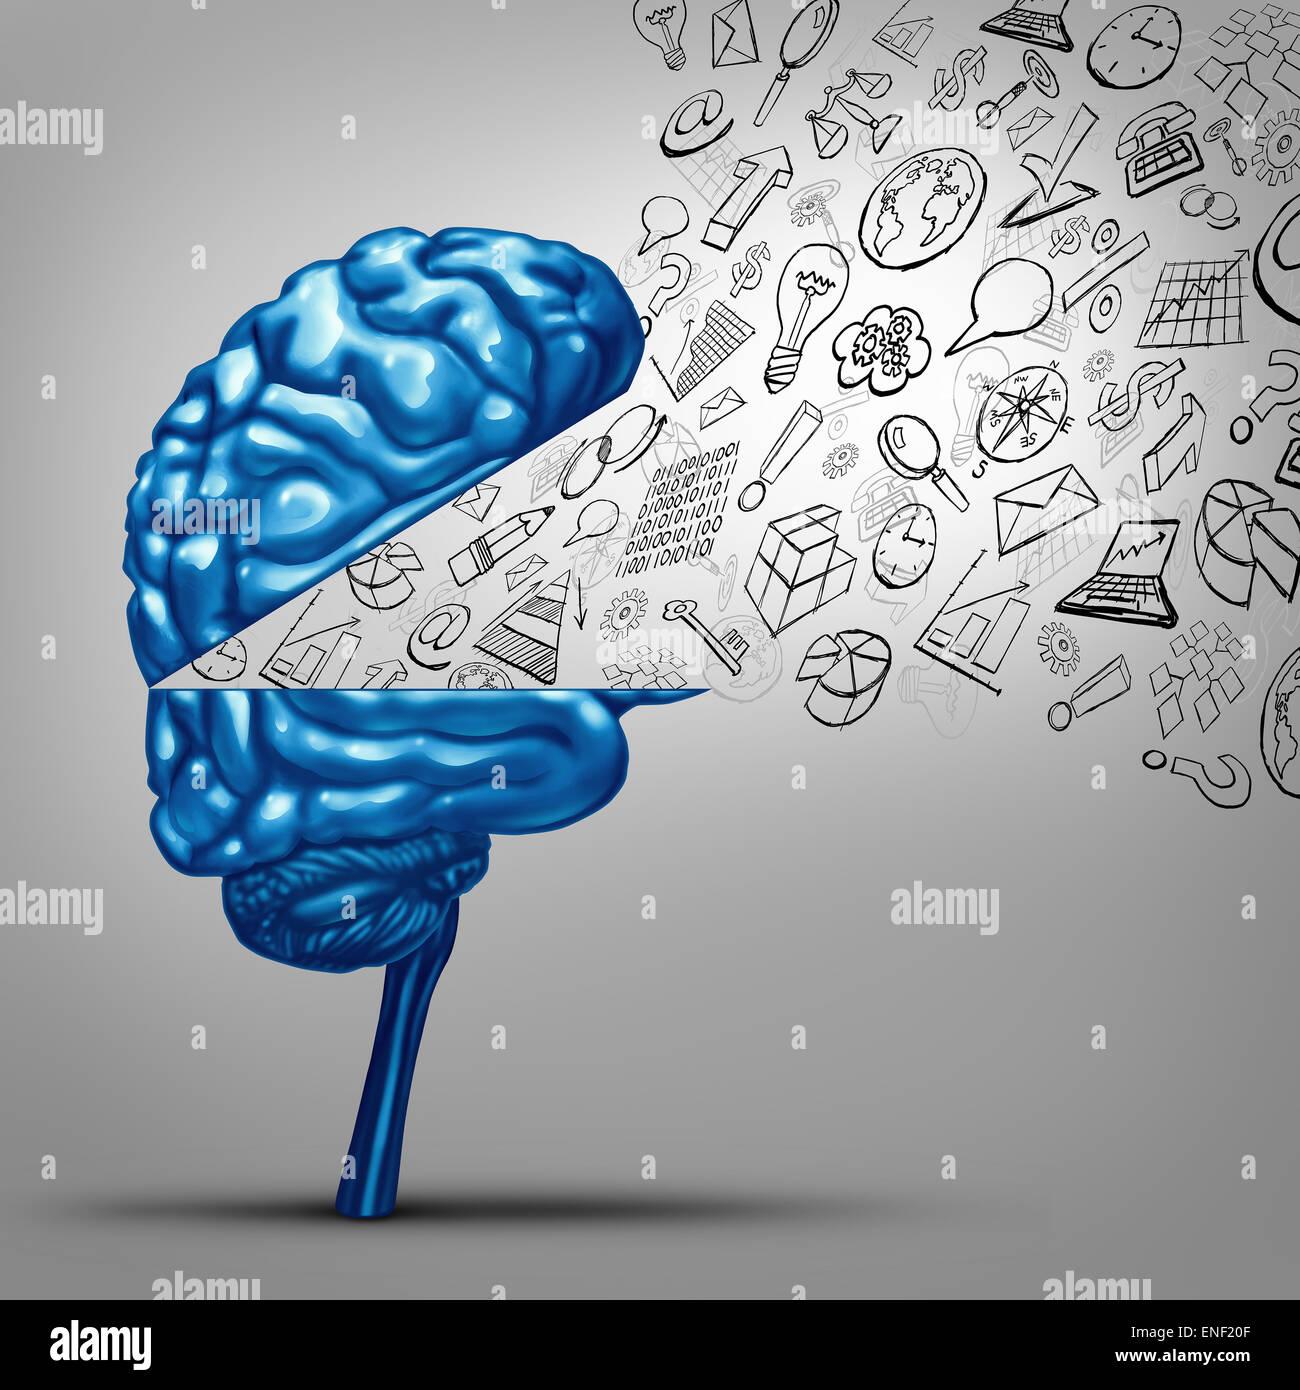 Pensieri di business e finanziari il concetto di visione come un cervello umano con icona office simboli grafici Immagini Stock